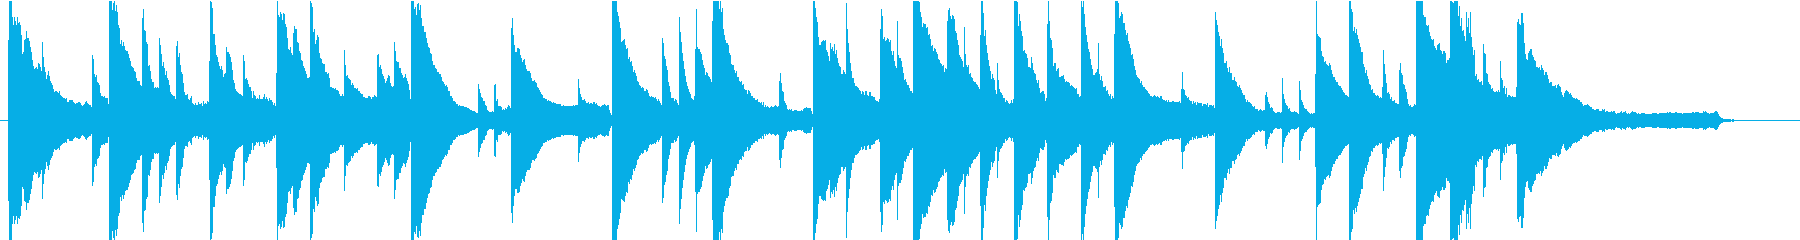 切ないシーン向けピアノソロの再生済みの波形